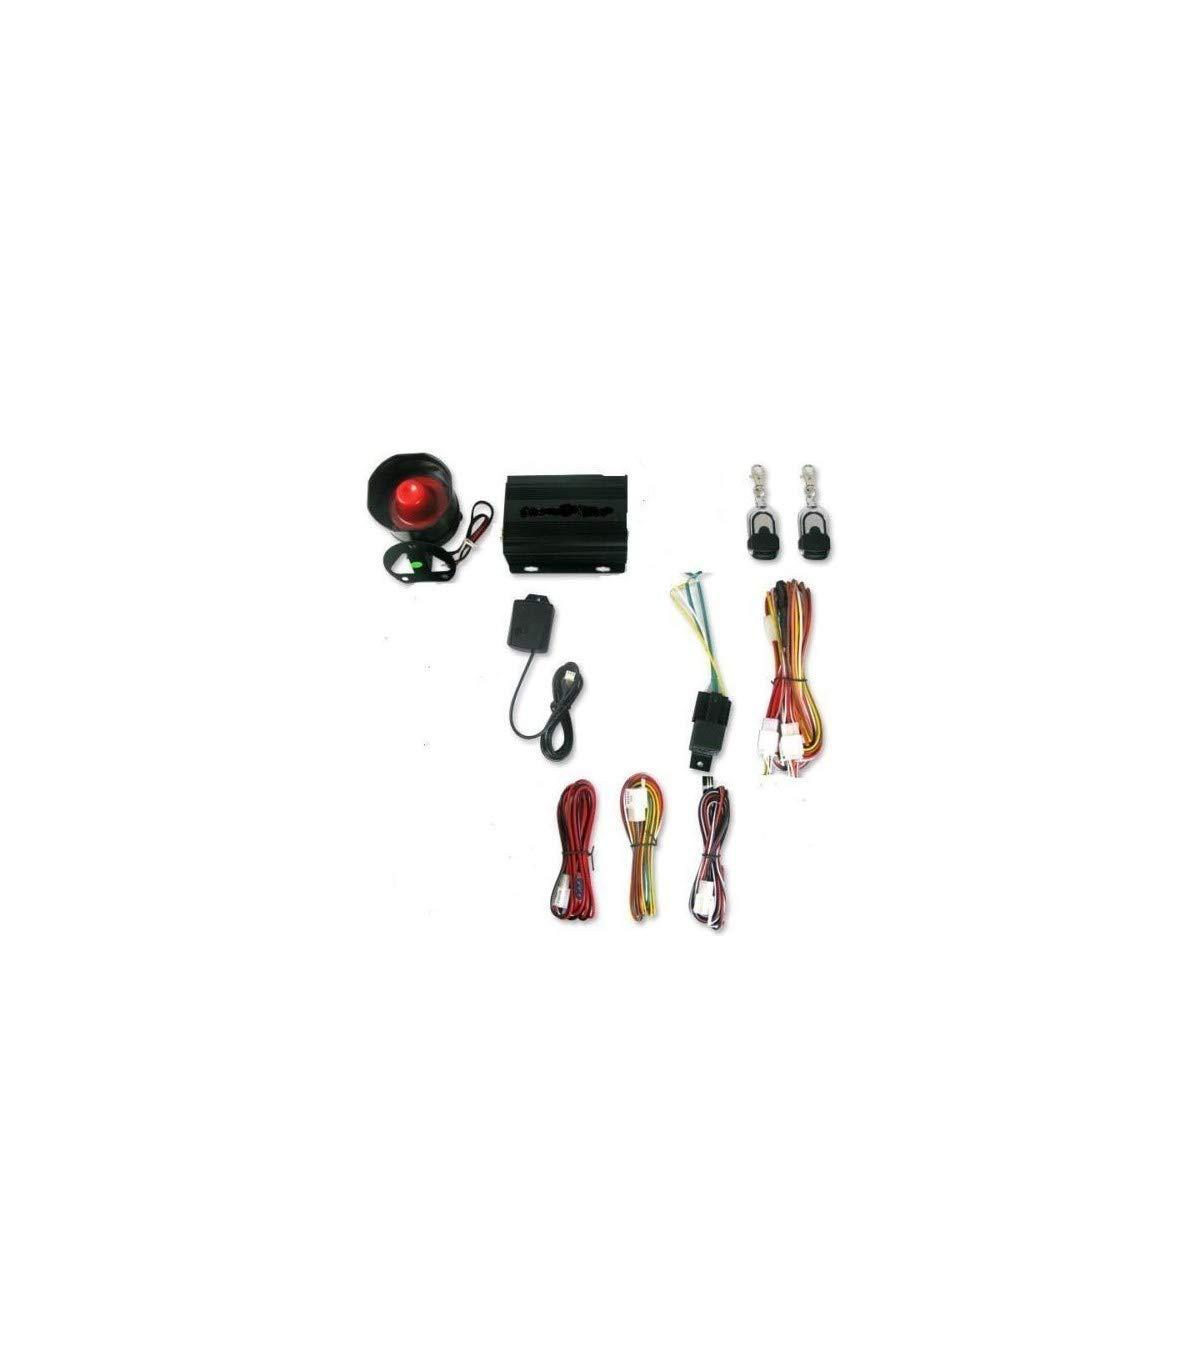 Trade Shop - KIT ALLARME ANTIFURTO UNIVERSALE AUTO SUV FURGONE CAMPER ROULOTTE 2 TELECOMANDI - 8022044072616 TrAdE shop Traesio